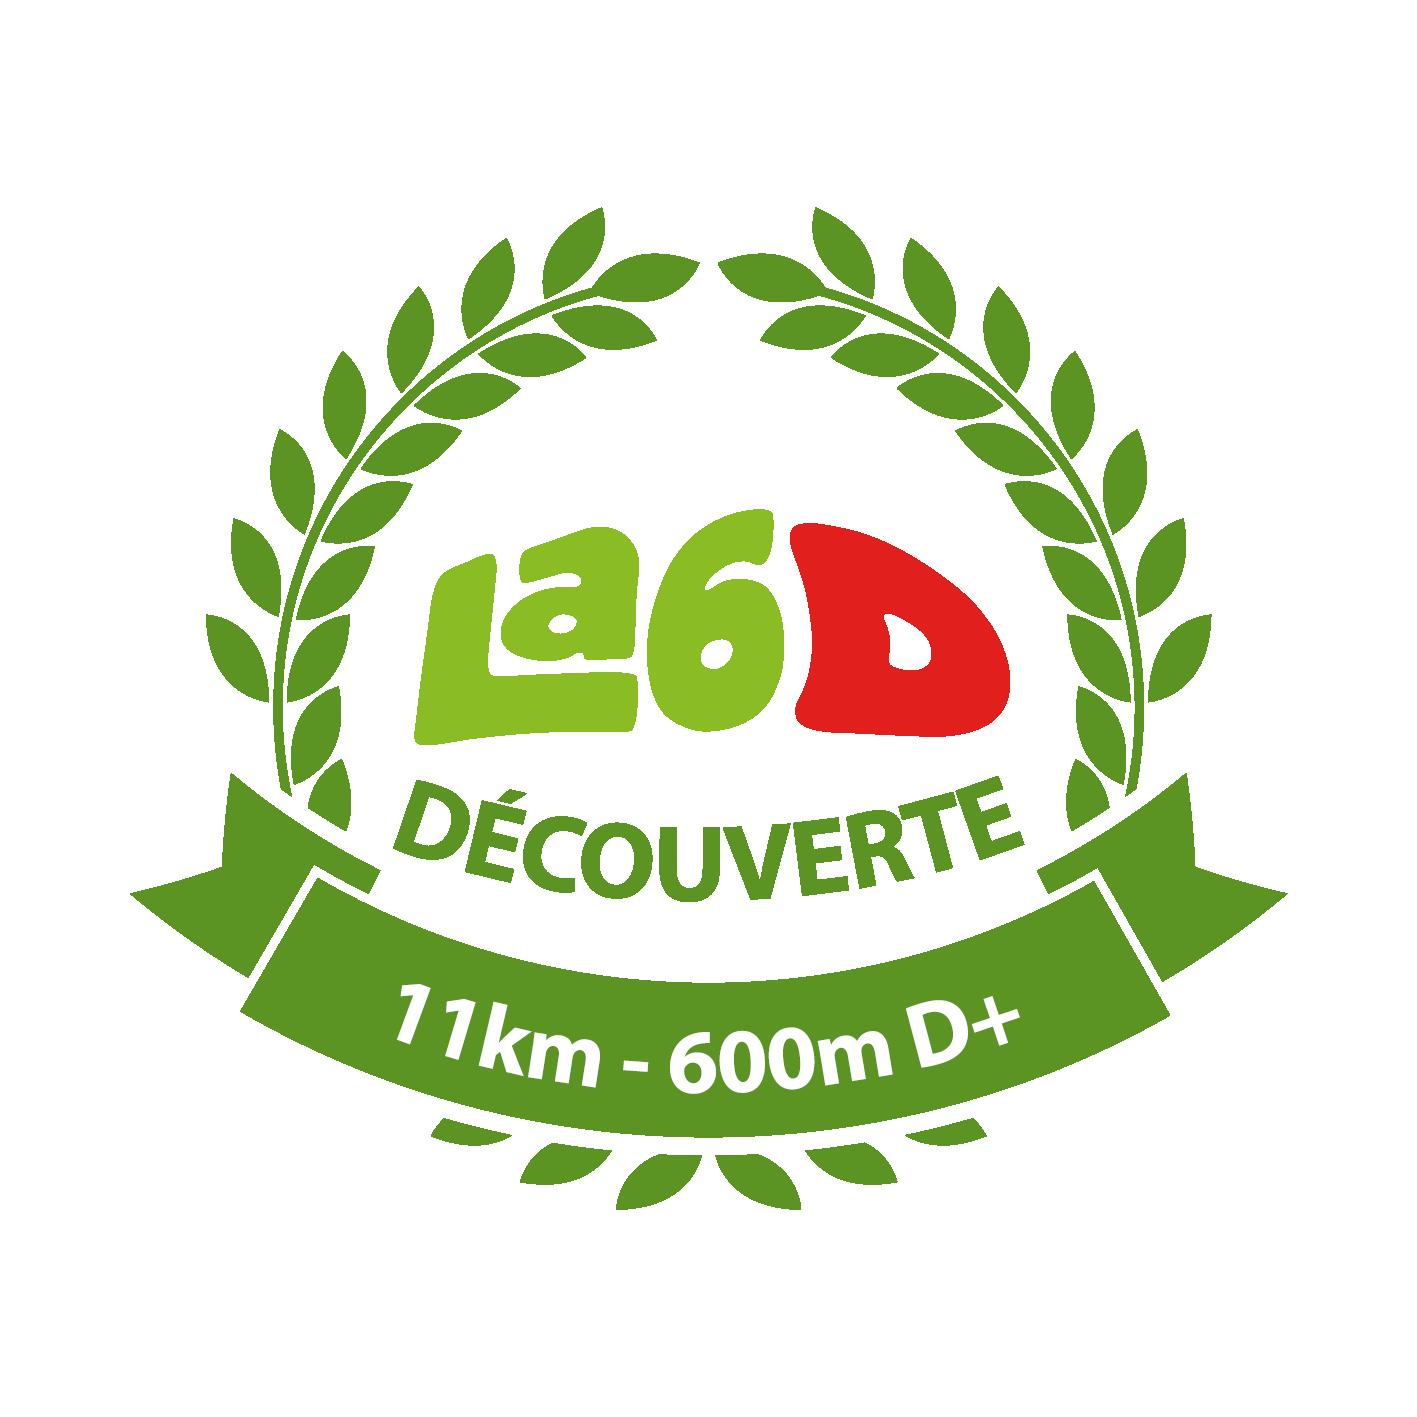 Logo 6000D